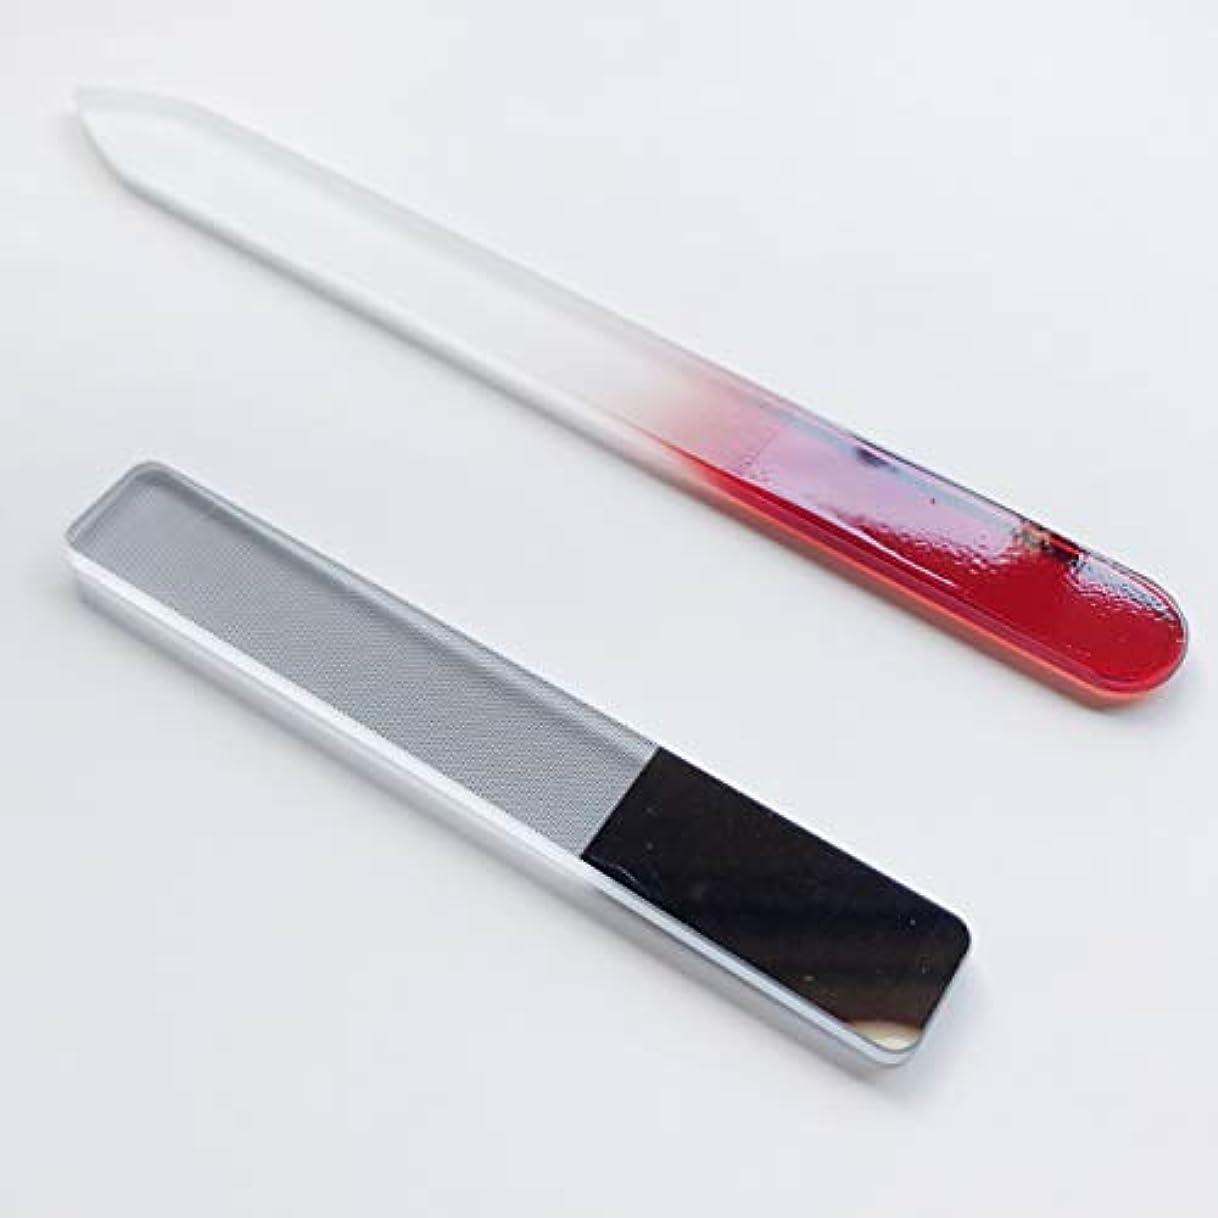 立法者長くするWith Grado ガラス製 爪 やすり 磨き ピカピカ ネイルケア (ぴかぴか爪やすり&赤セット)